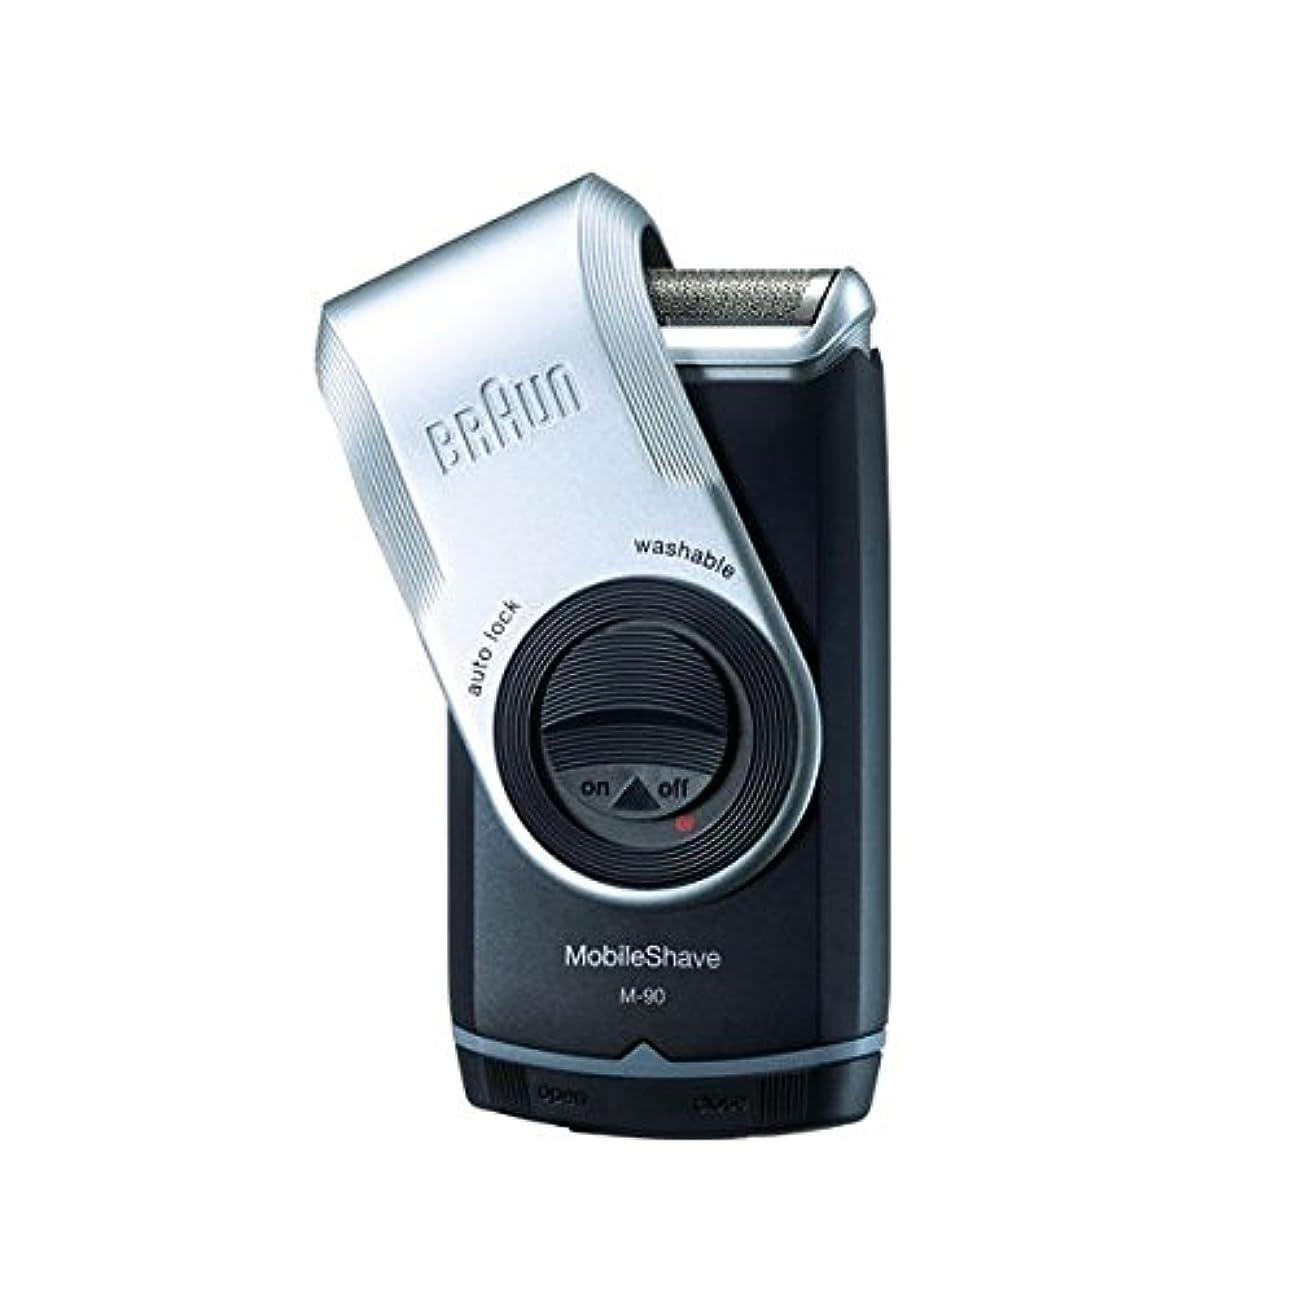 静めるヒント平行BRAUN(ブラウン) シェーバー モバイルシェーブ(携帯型) M-90 ds-792921